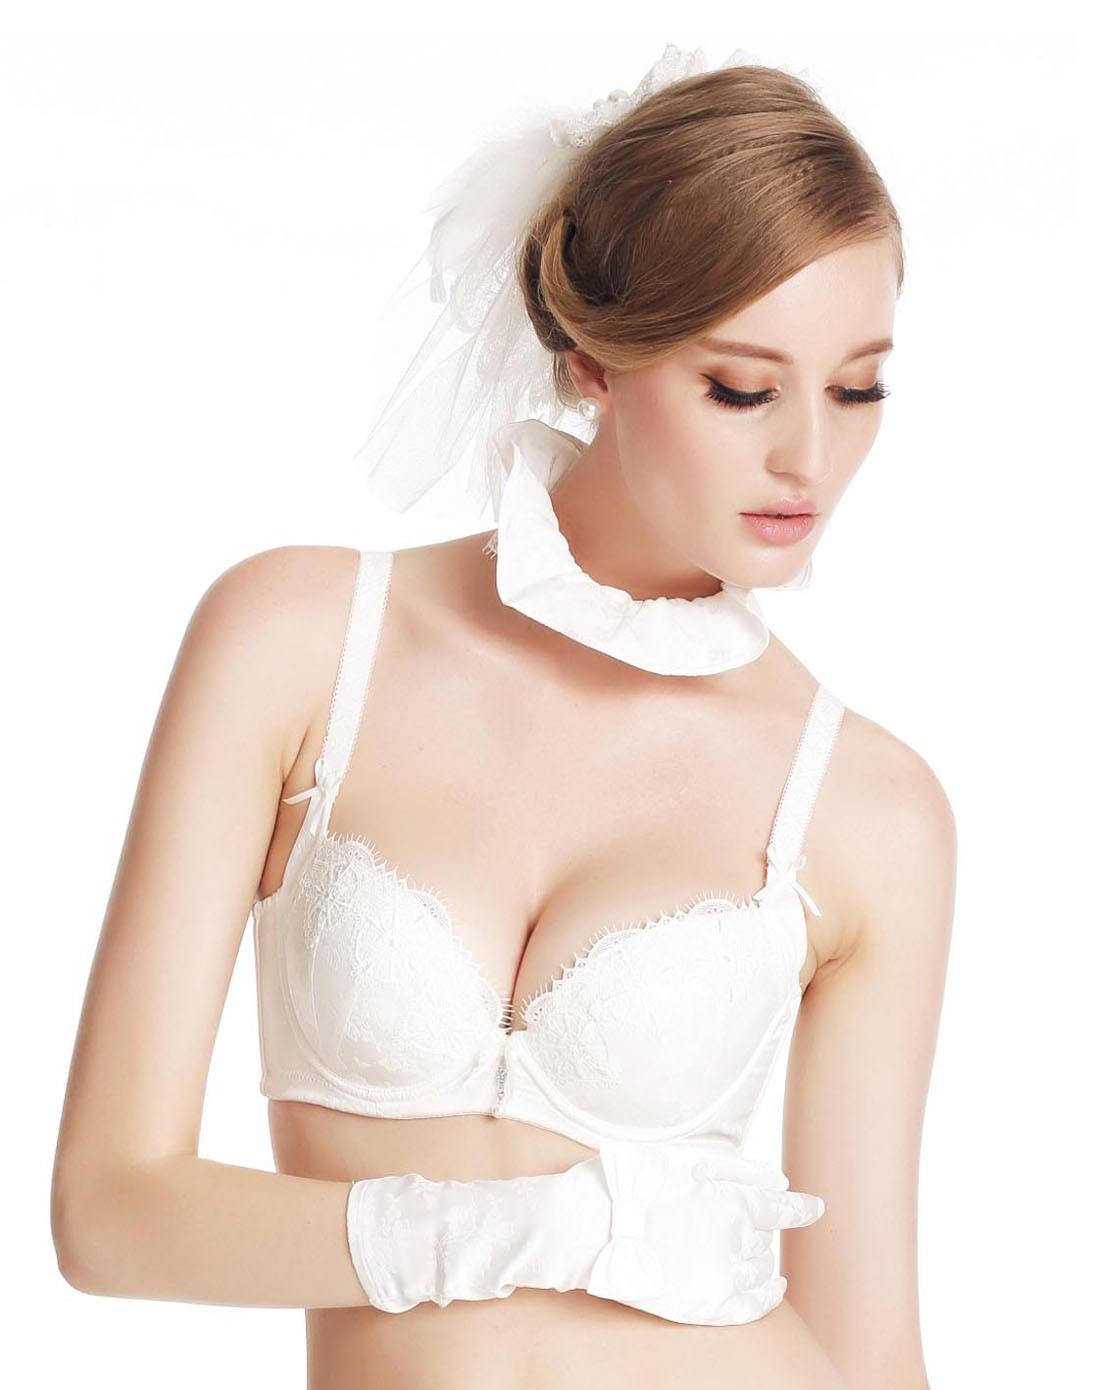 蔻夏尔corsetc女士内衣专场奢华精粹欧式宫廷侧推蝶型